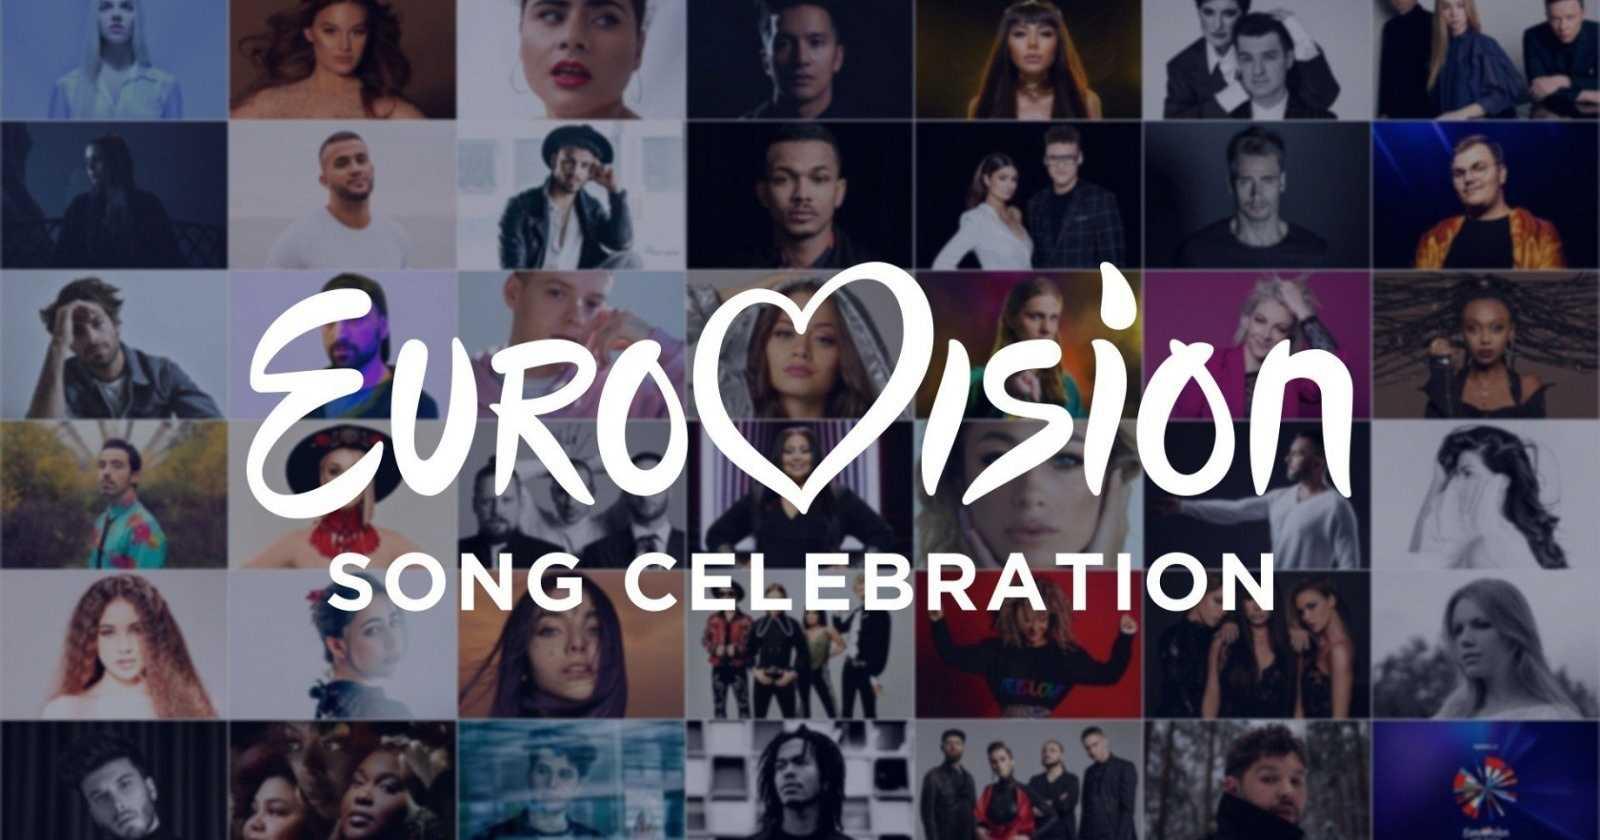 Eurovisión Song Contest Celebration